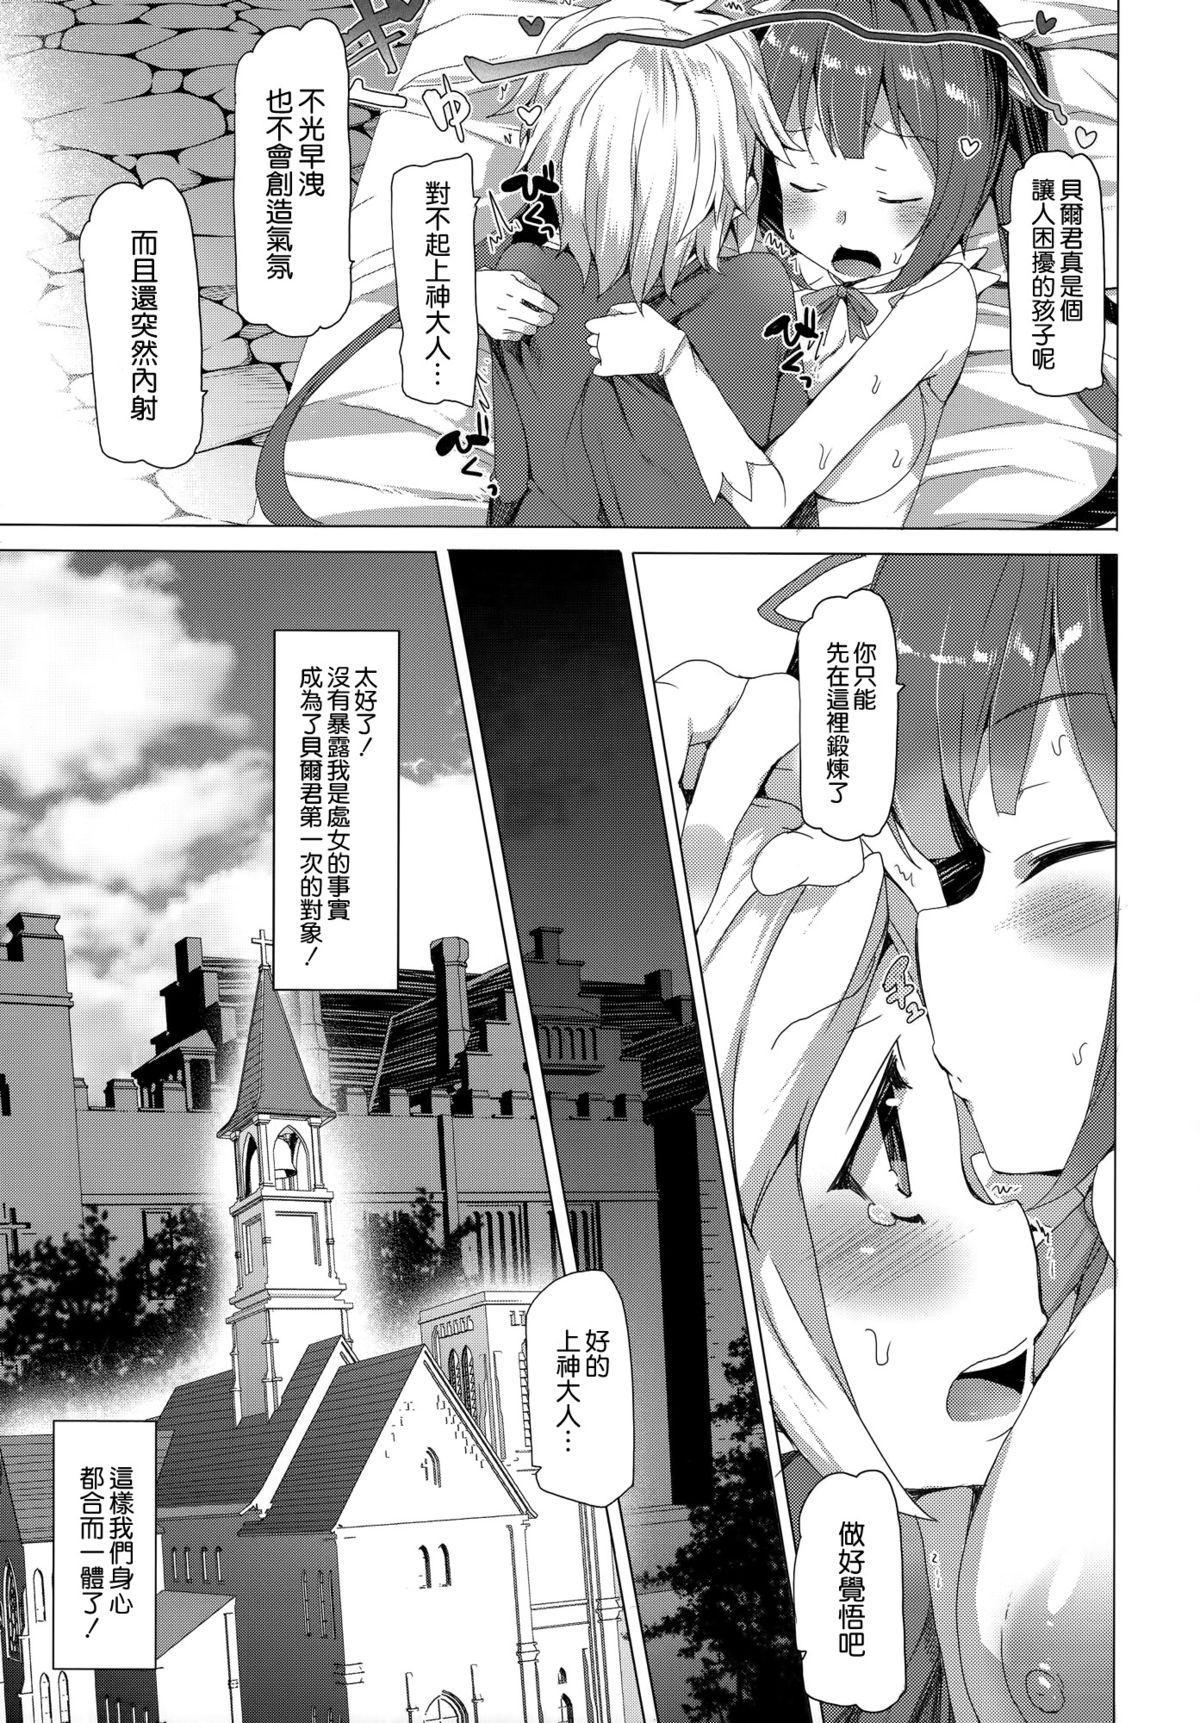 Boku dake no Kami-sama 14